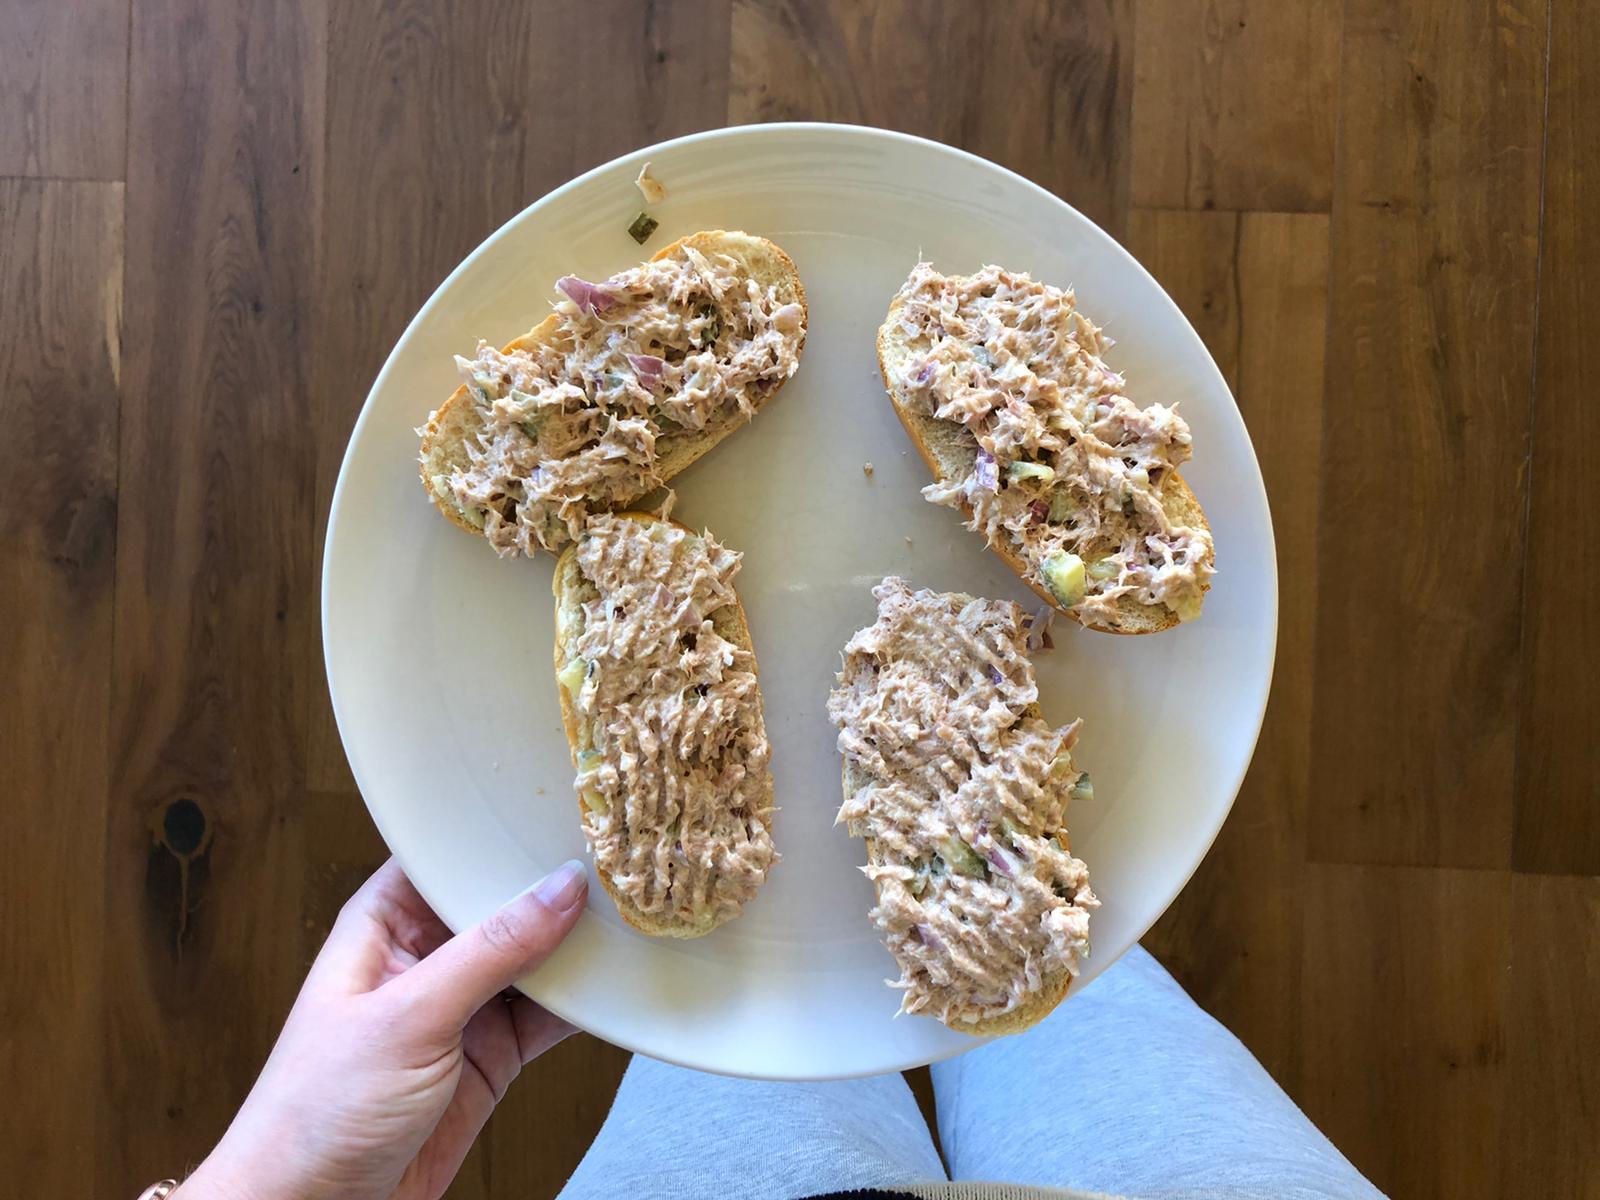 Lunchen met broodjes tonijn